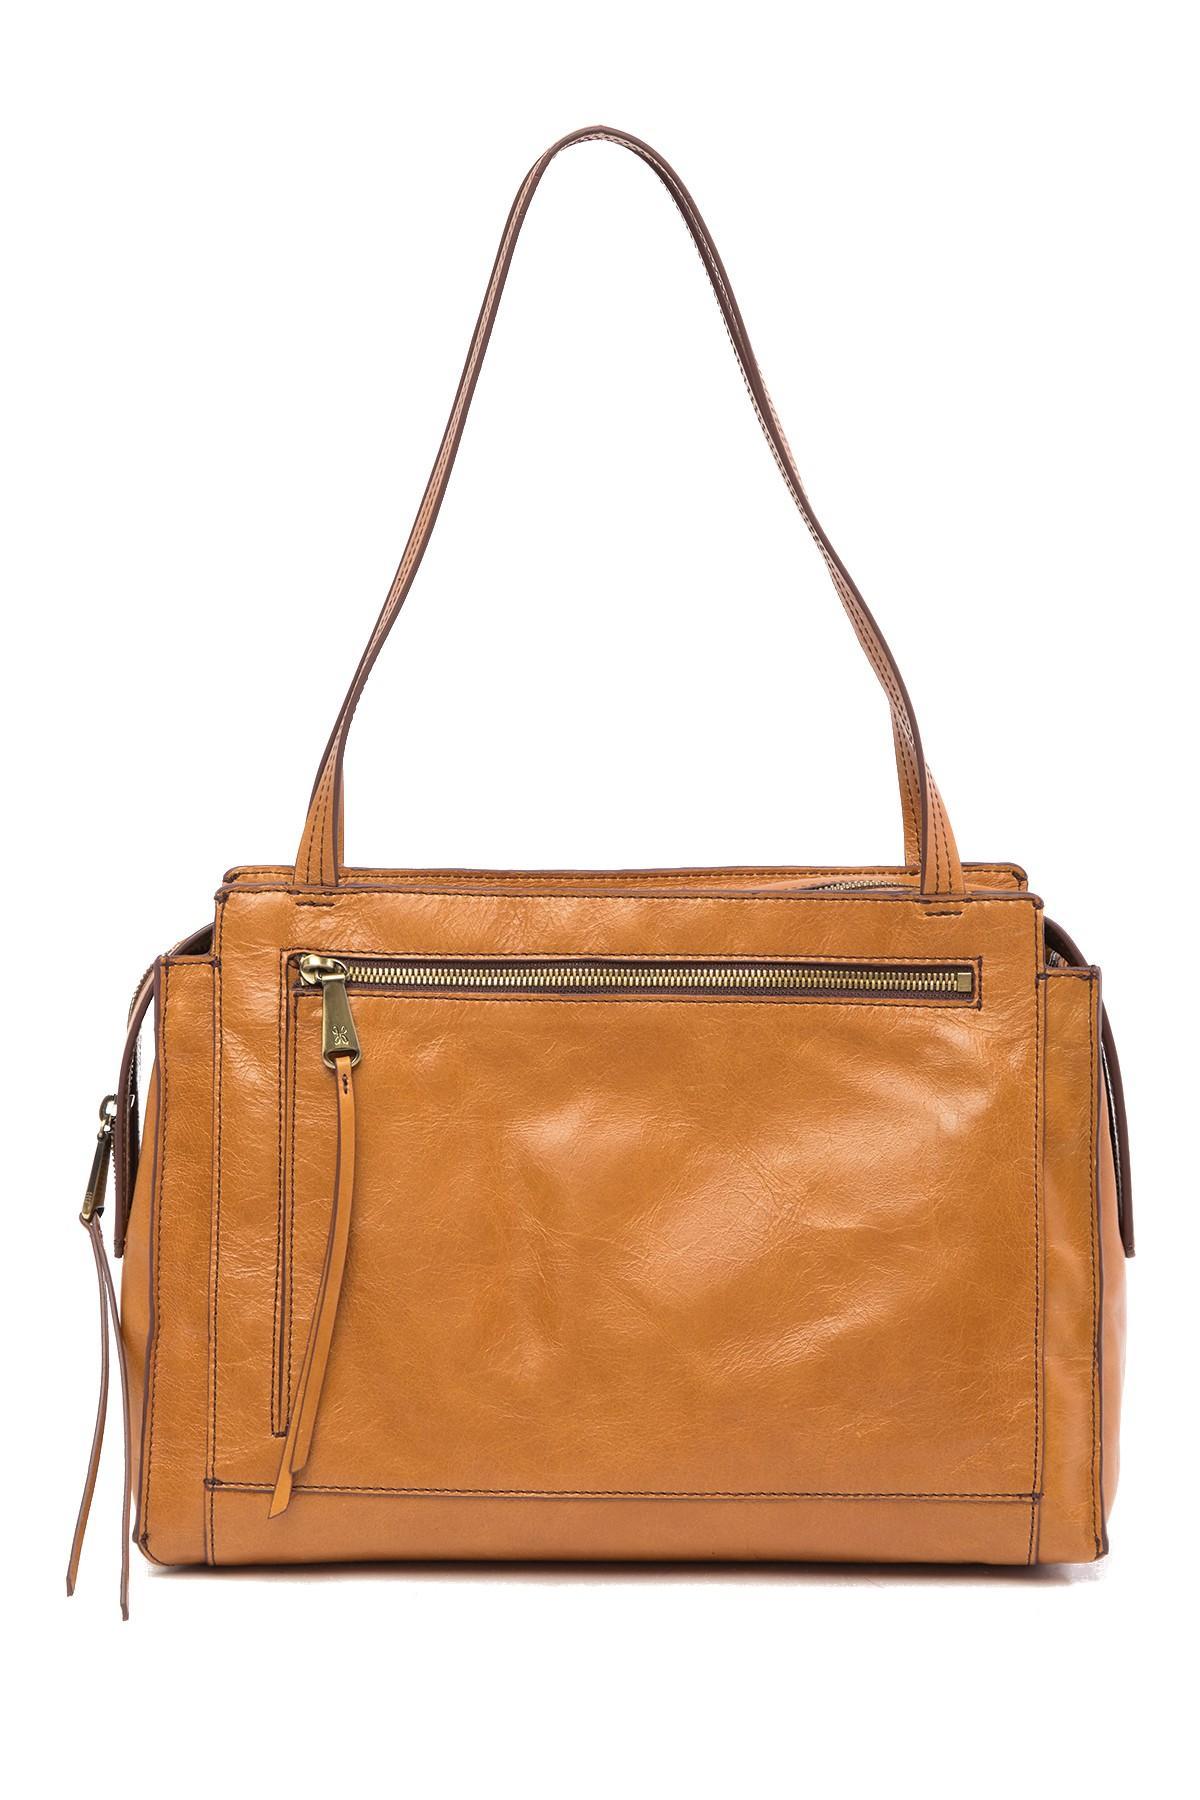 ea9c8f66be Lyst - Hobo Affinity Rustic Shoulder Bag in Brown